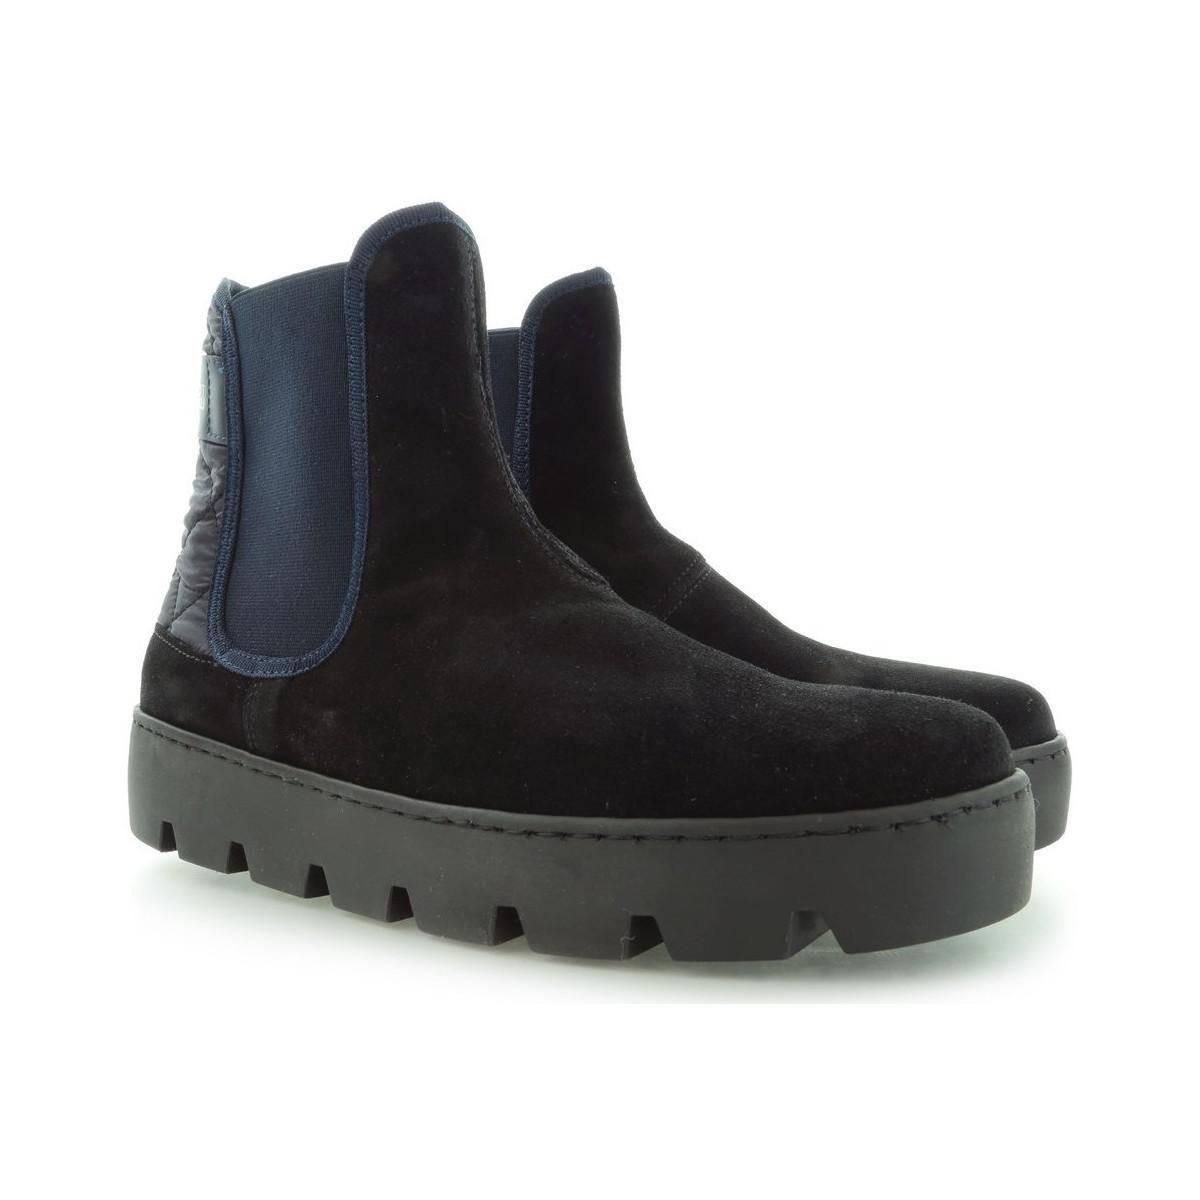 Napapijri Jenny 13753506 Women's Low Ankle Boots In Black